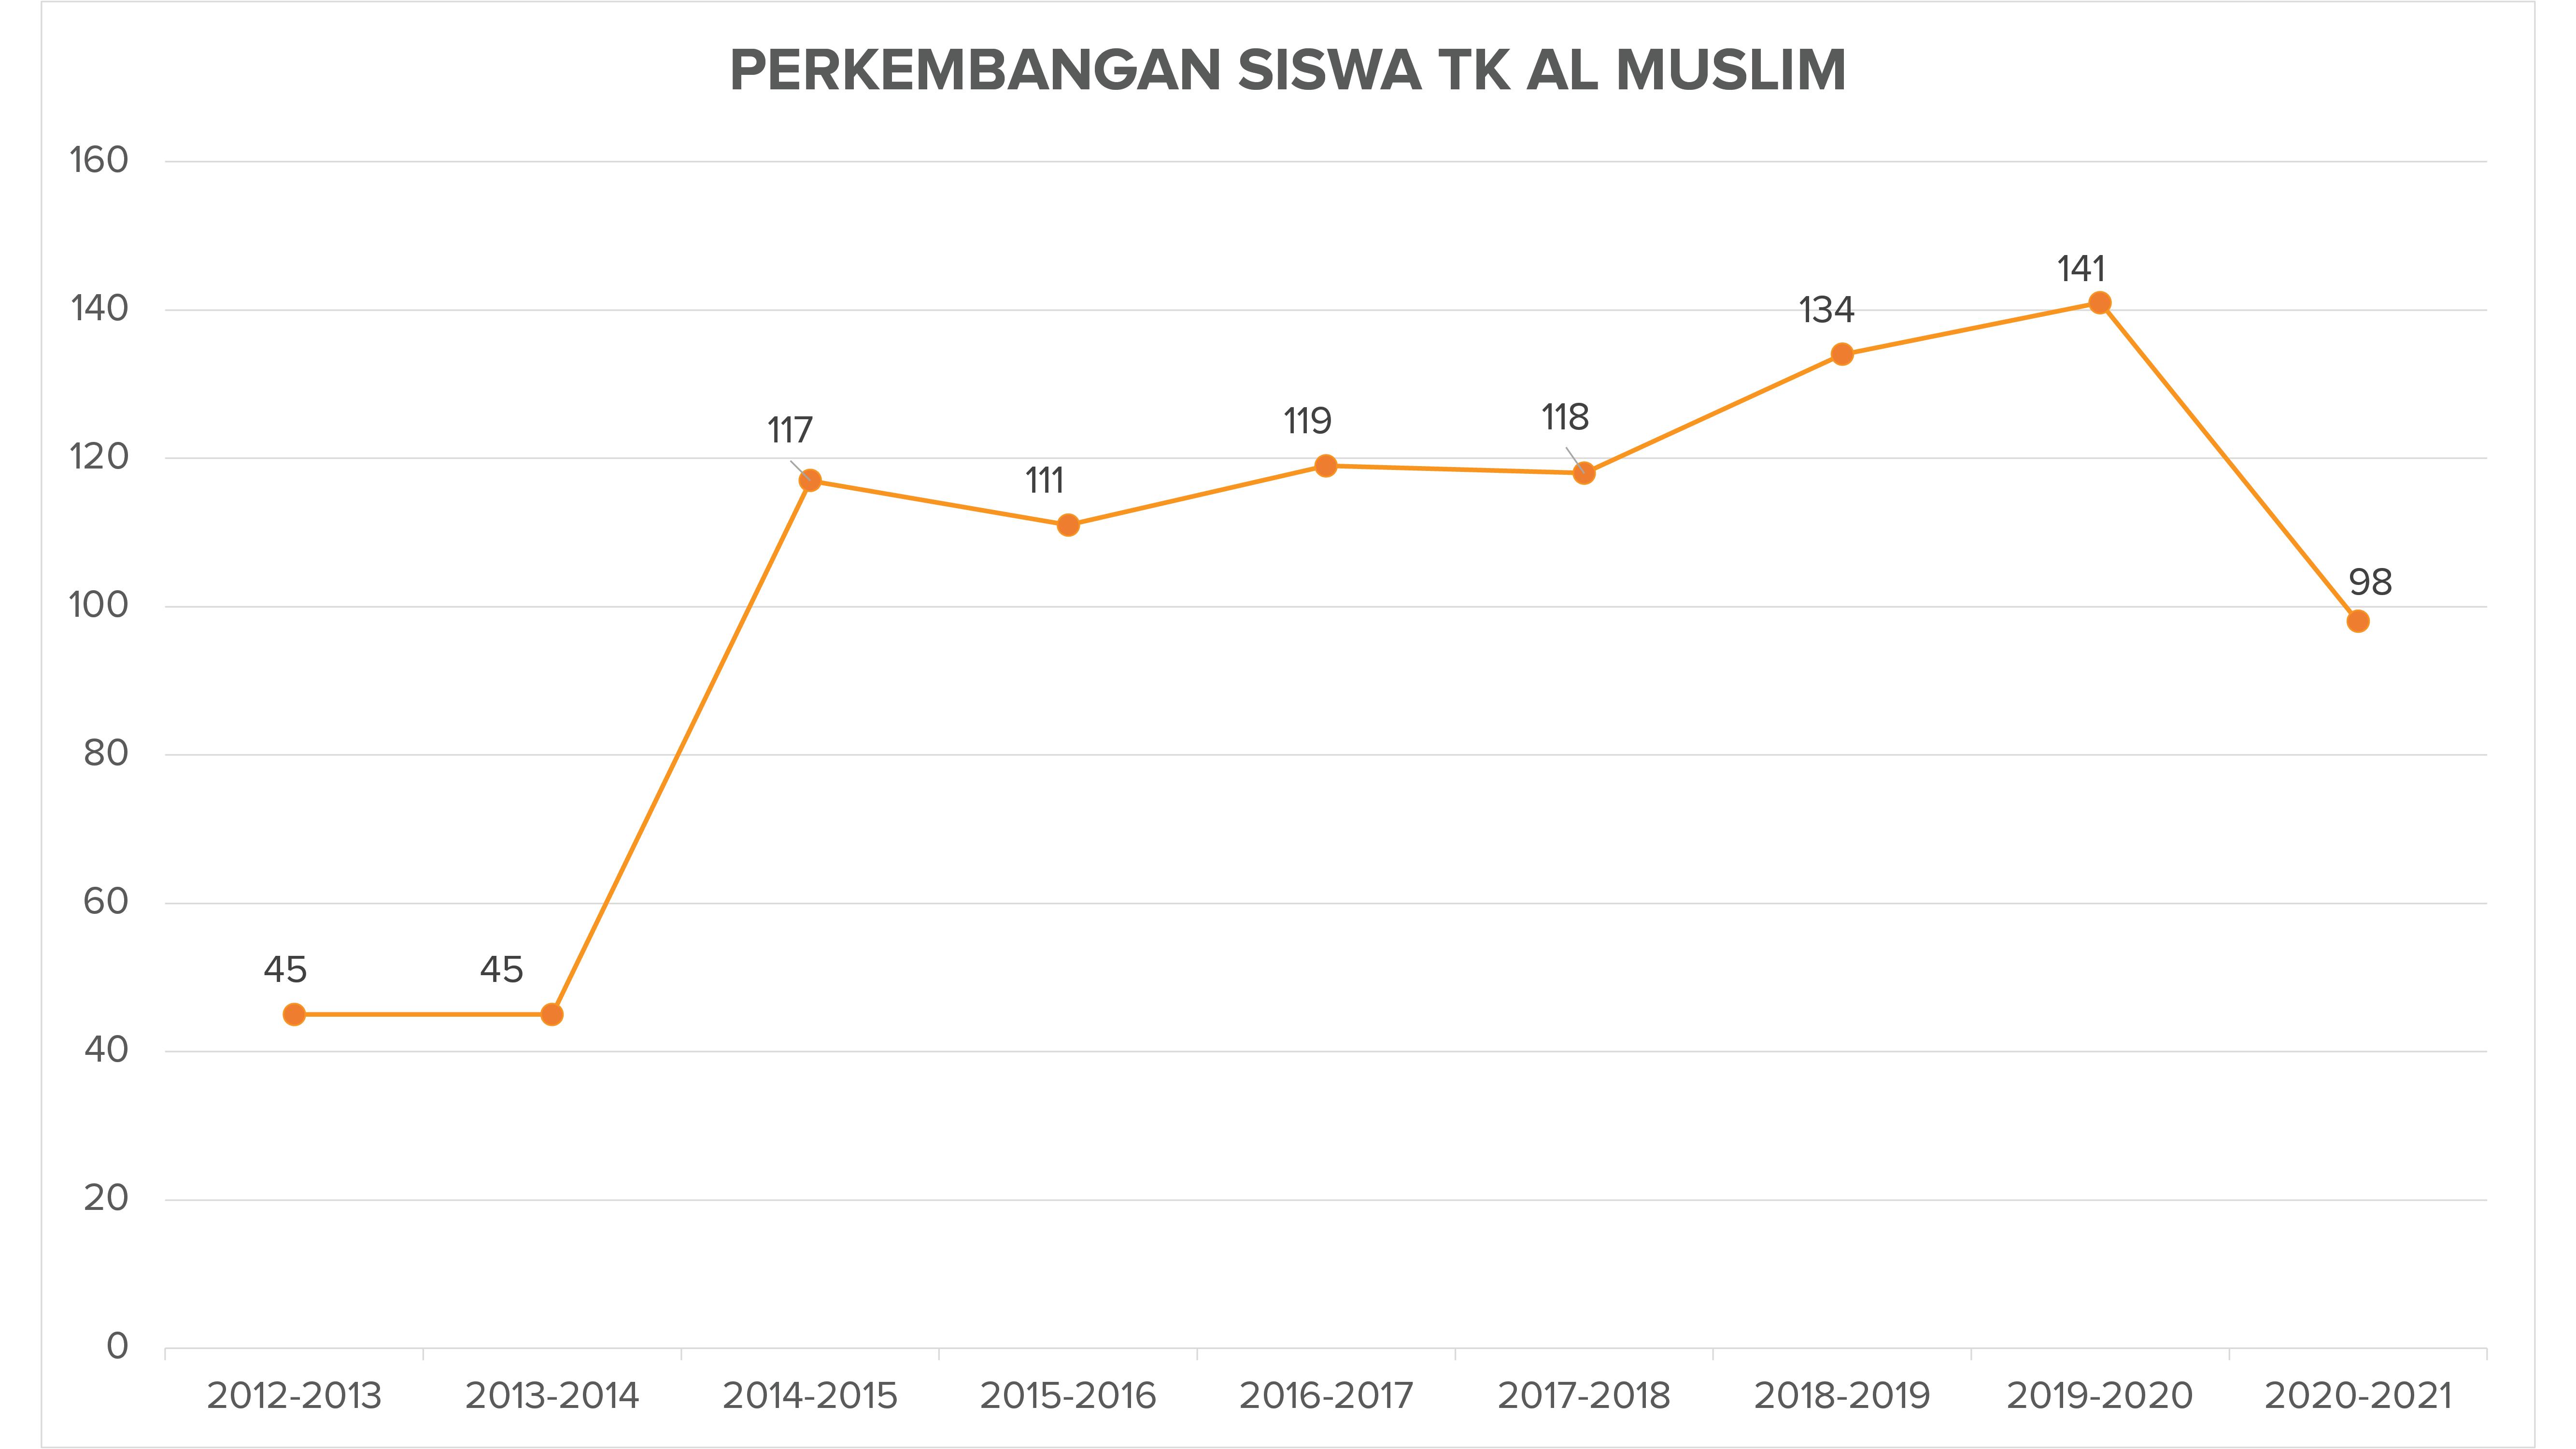 Perkembangan Siswa TK Al Muslim